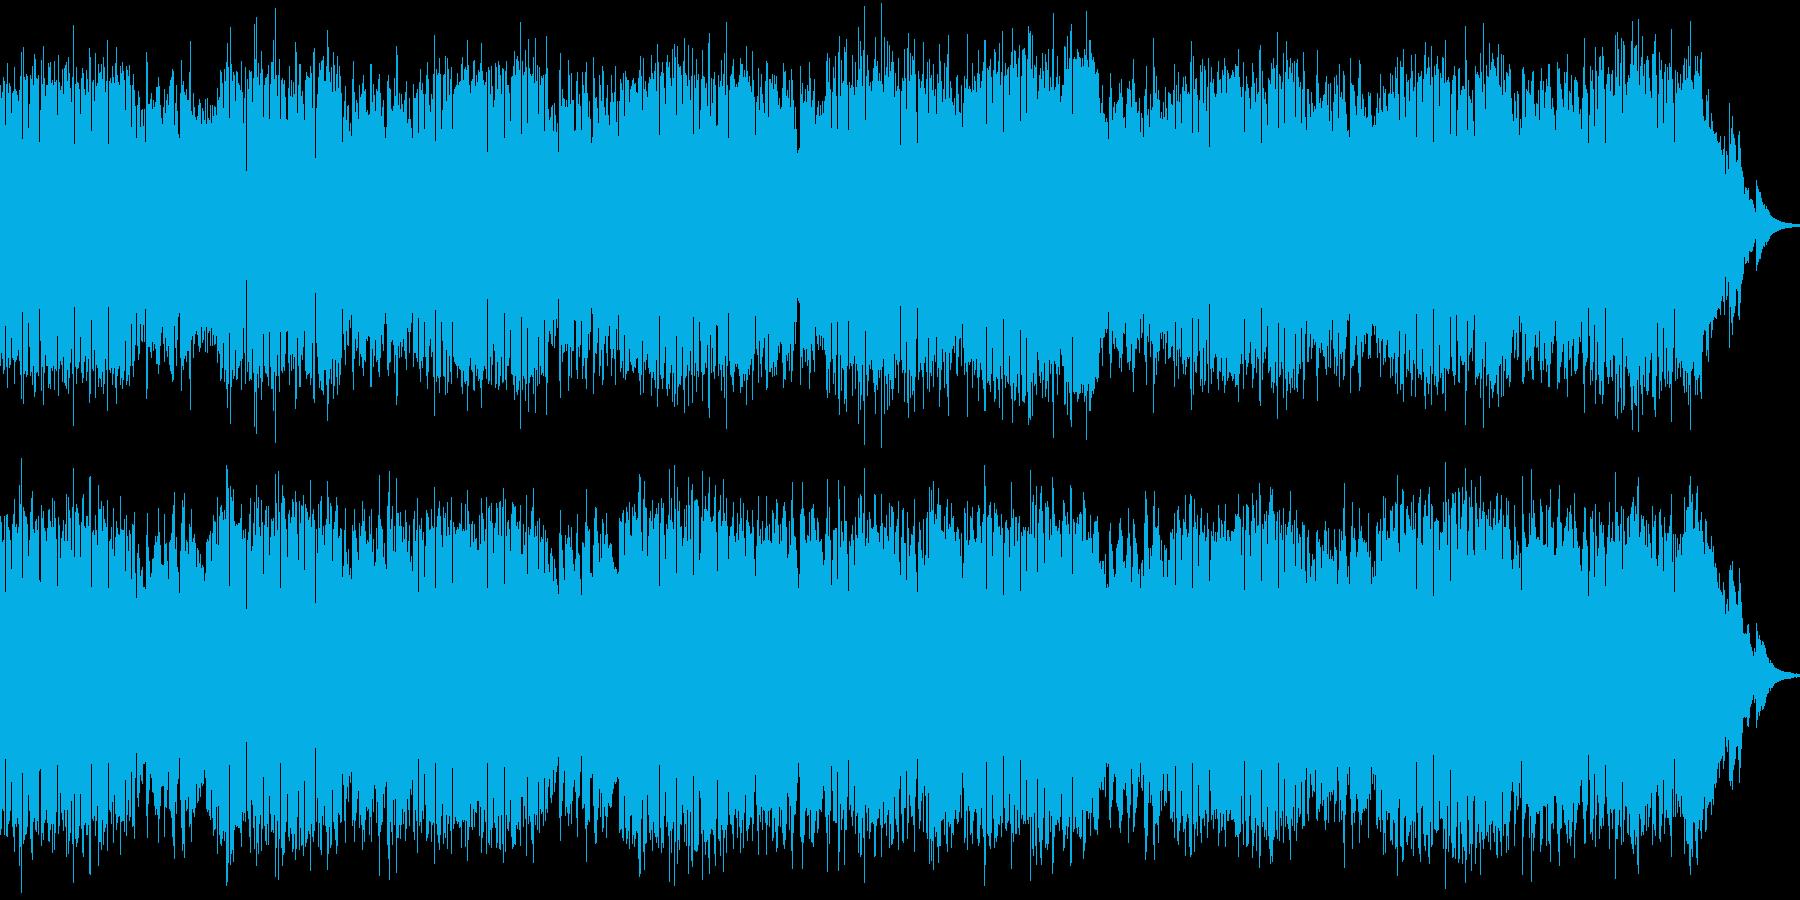 ギターのロック調インスト曲。の再生済みの波形